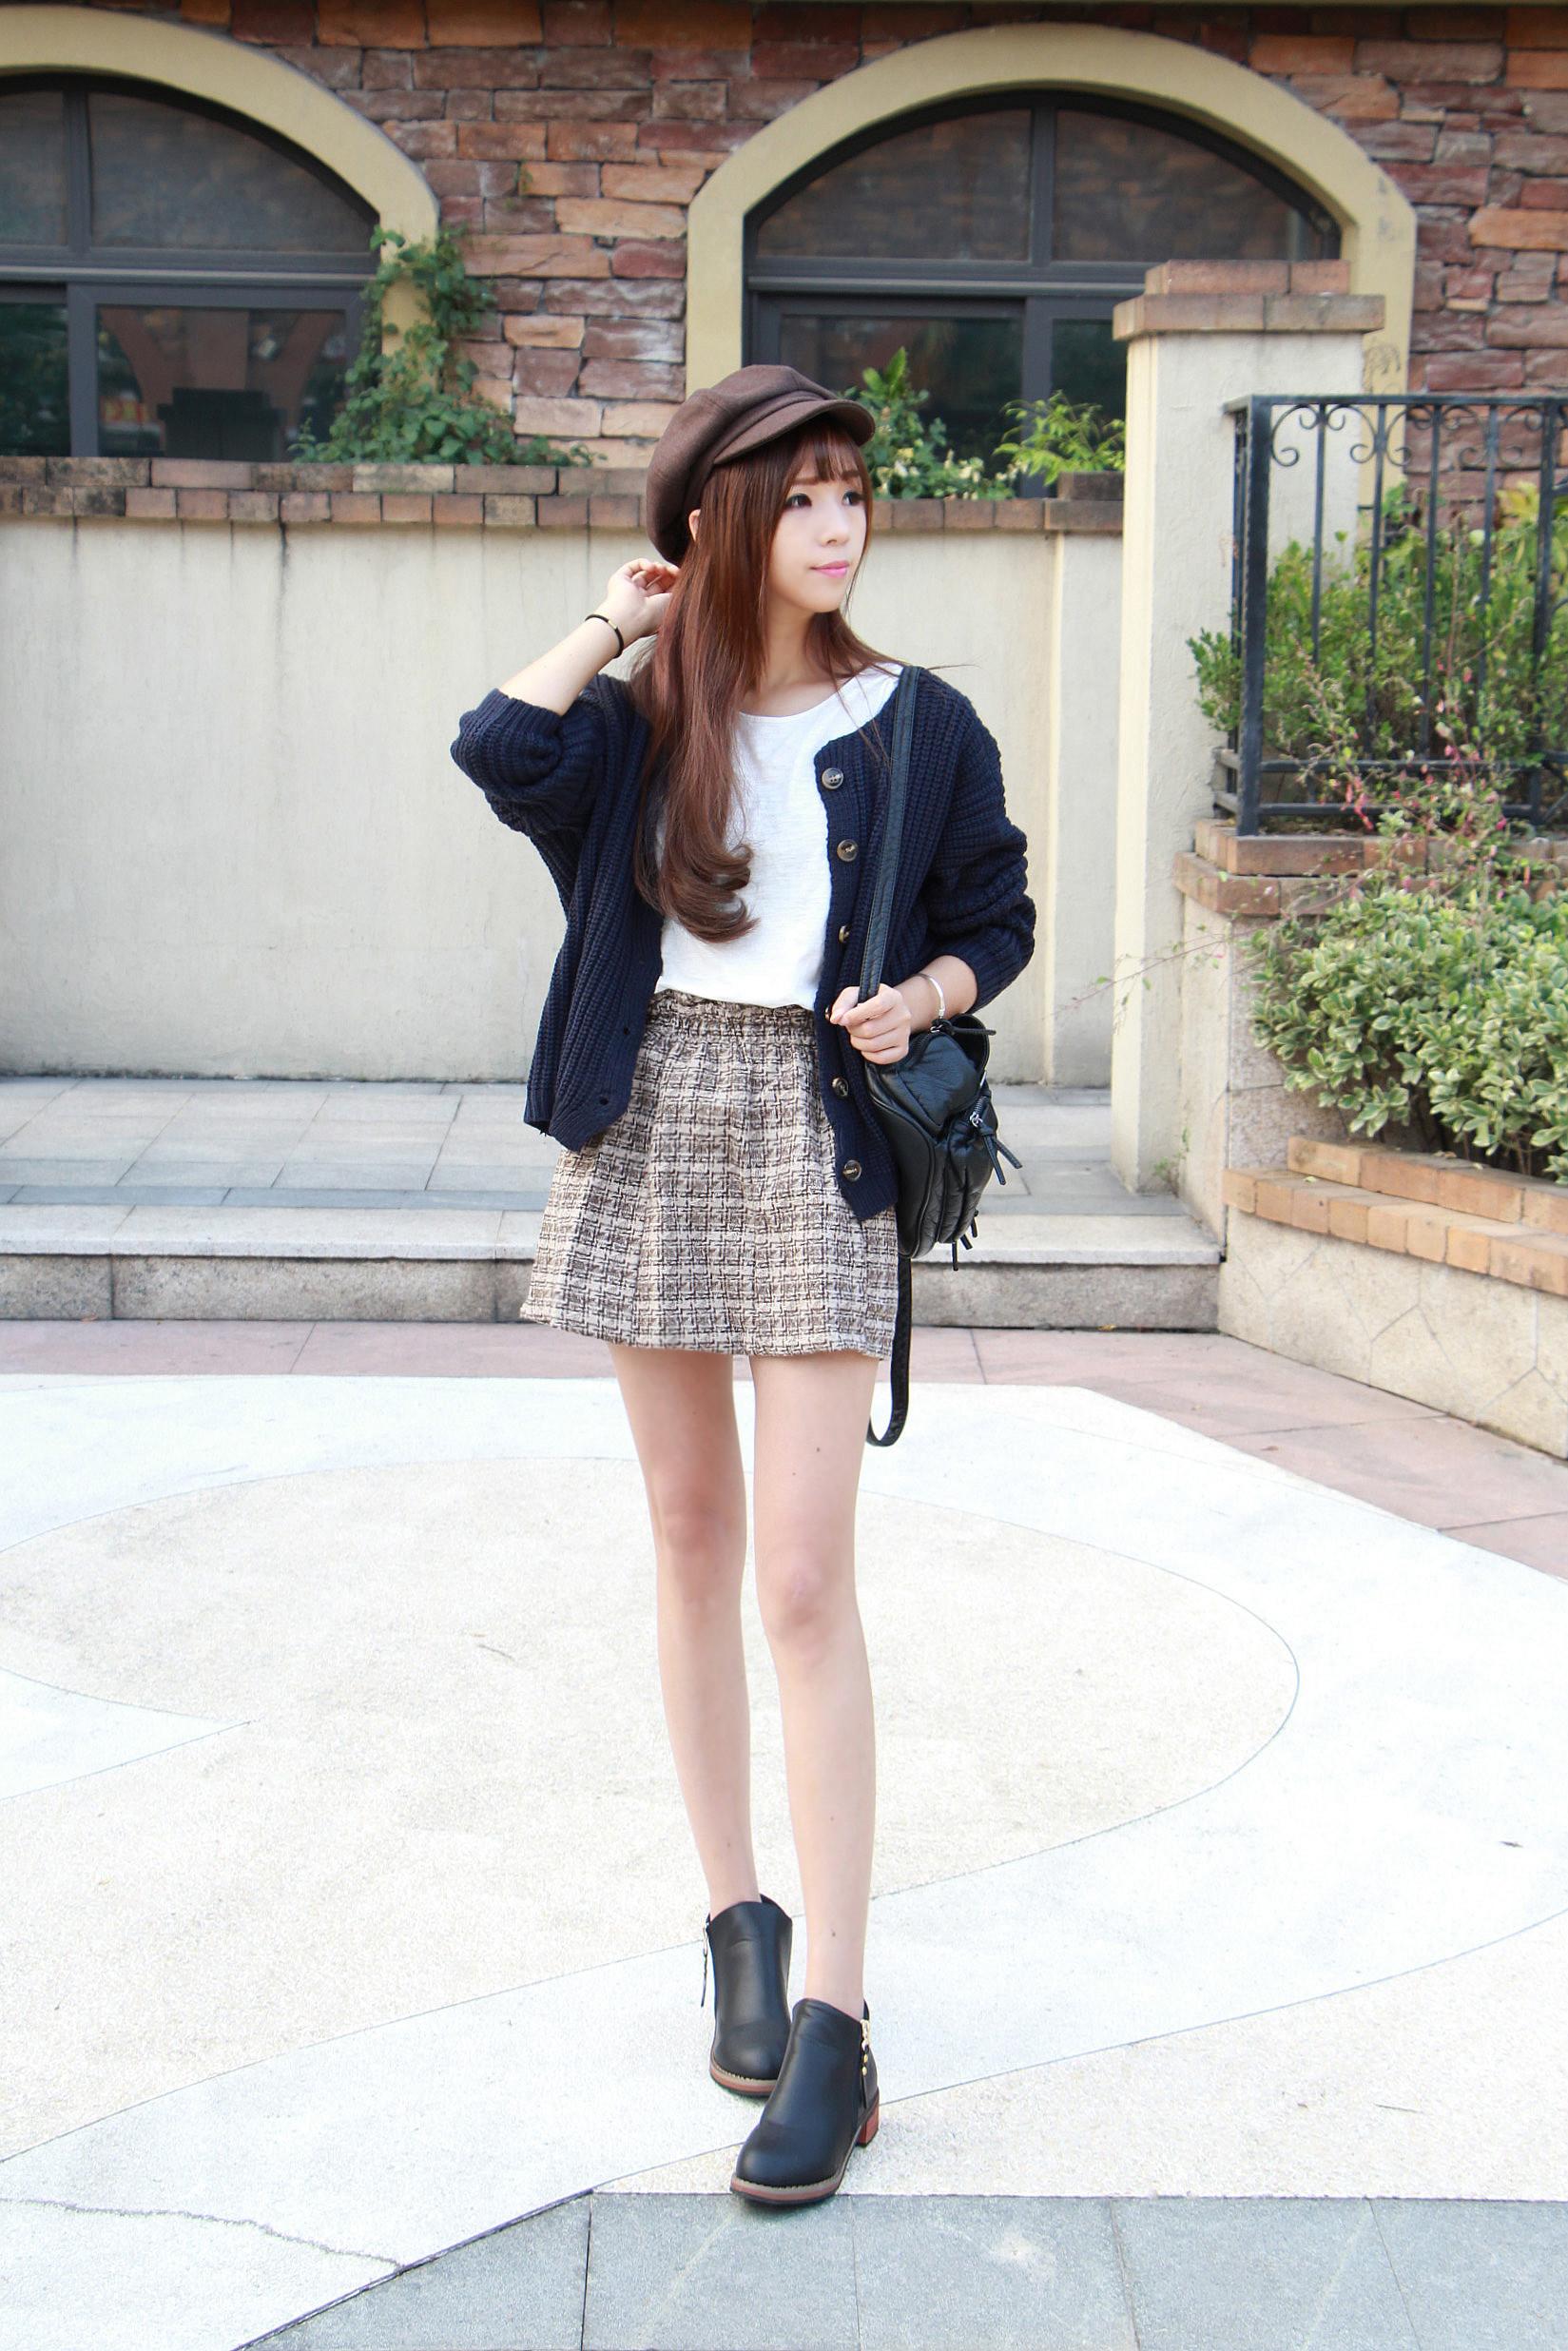 宽松版毛衣开衫搭配格子短裙跟黑色短靴超喜欢的一套